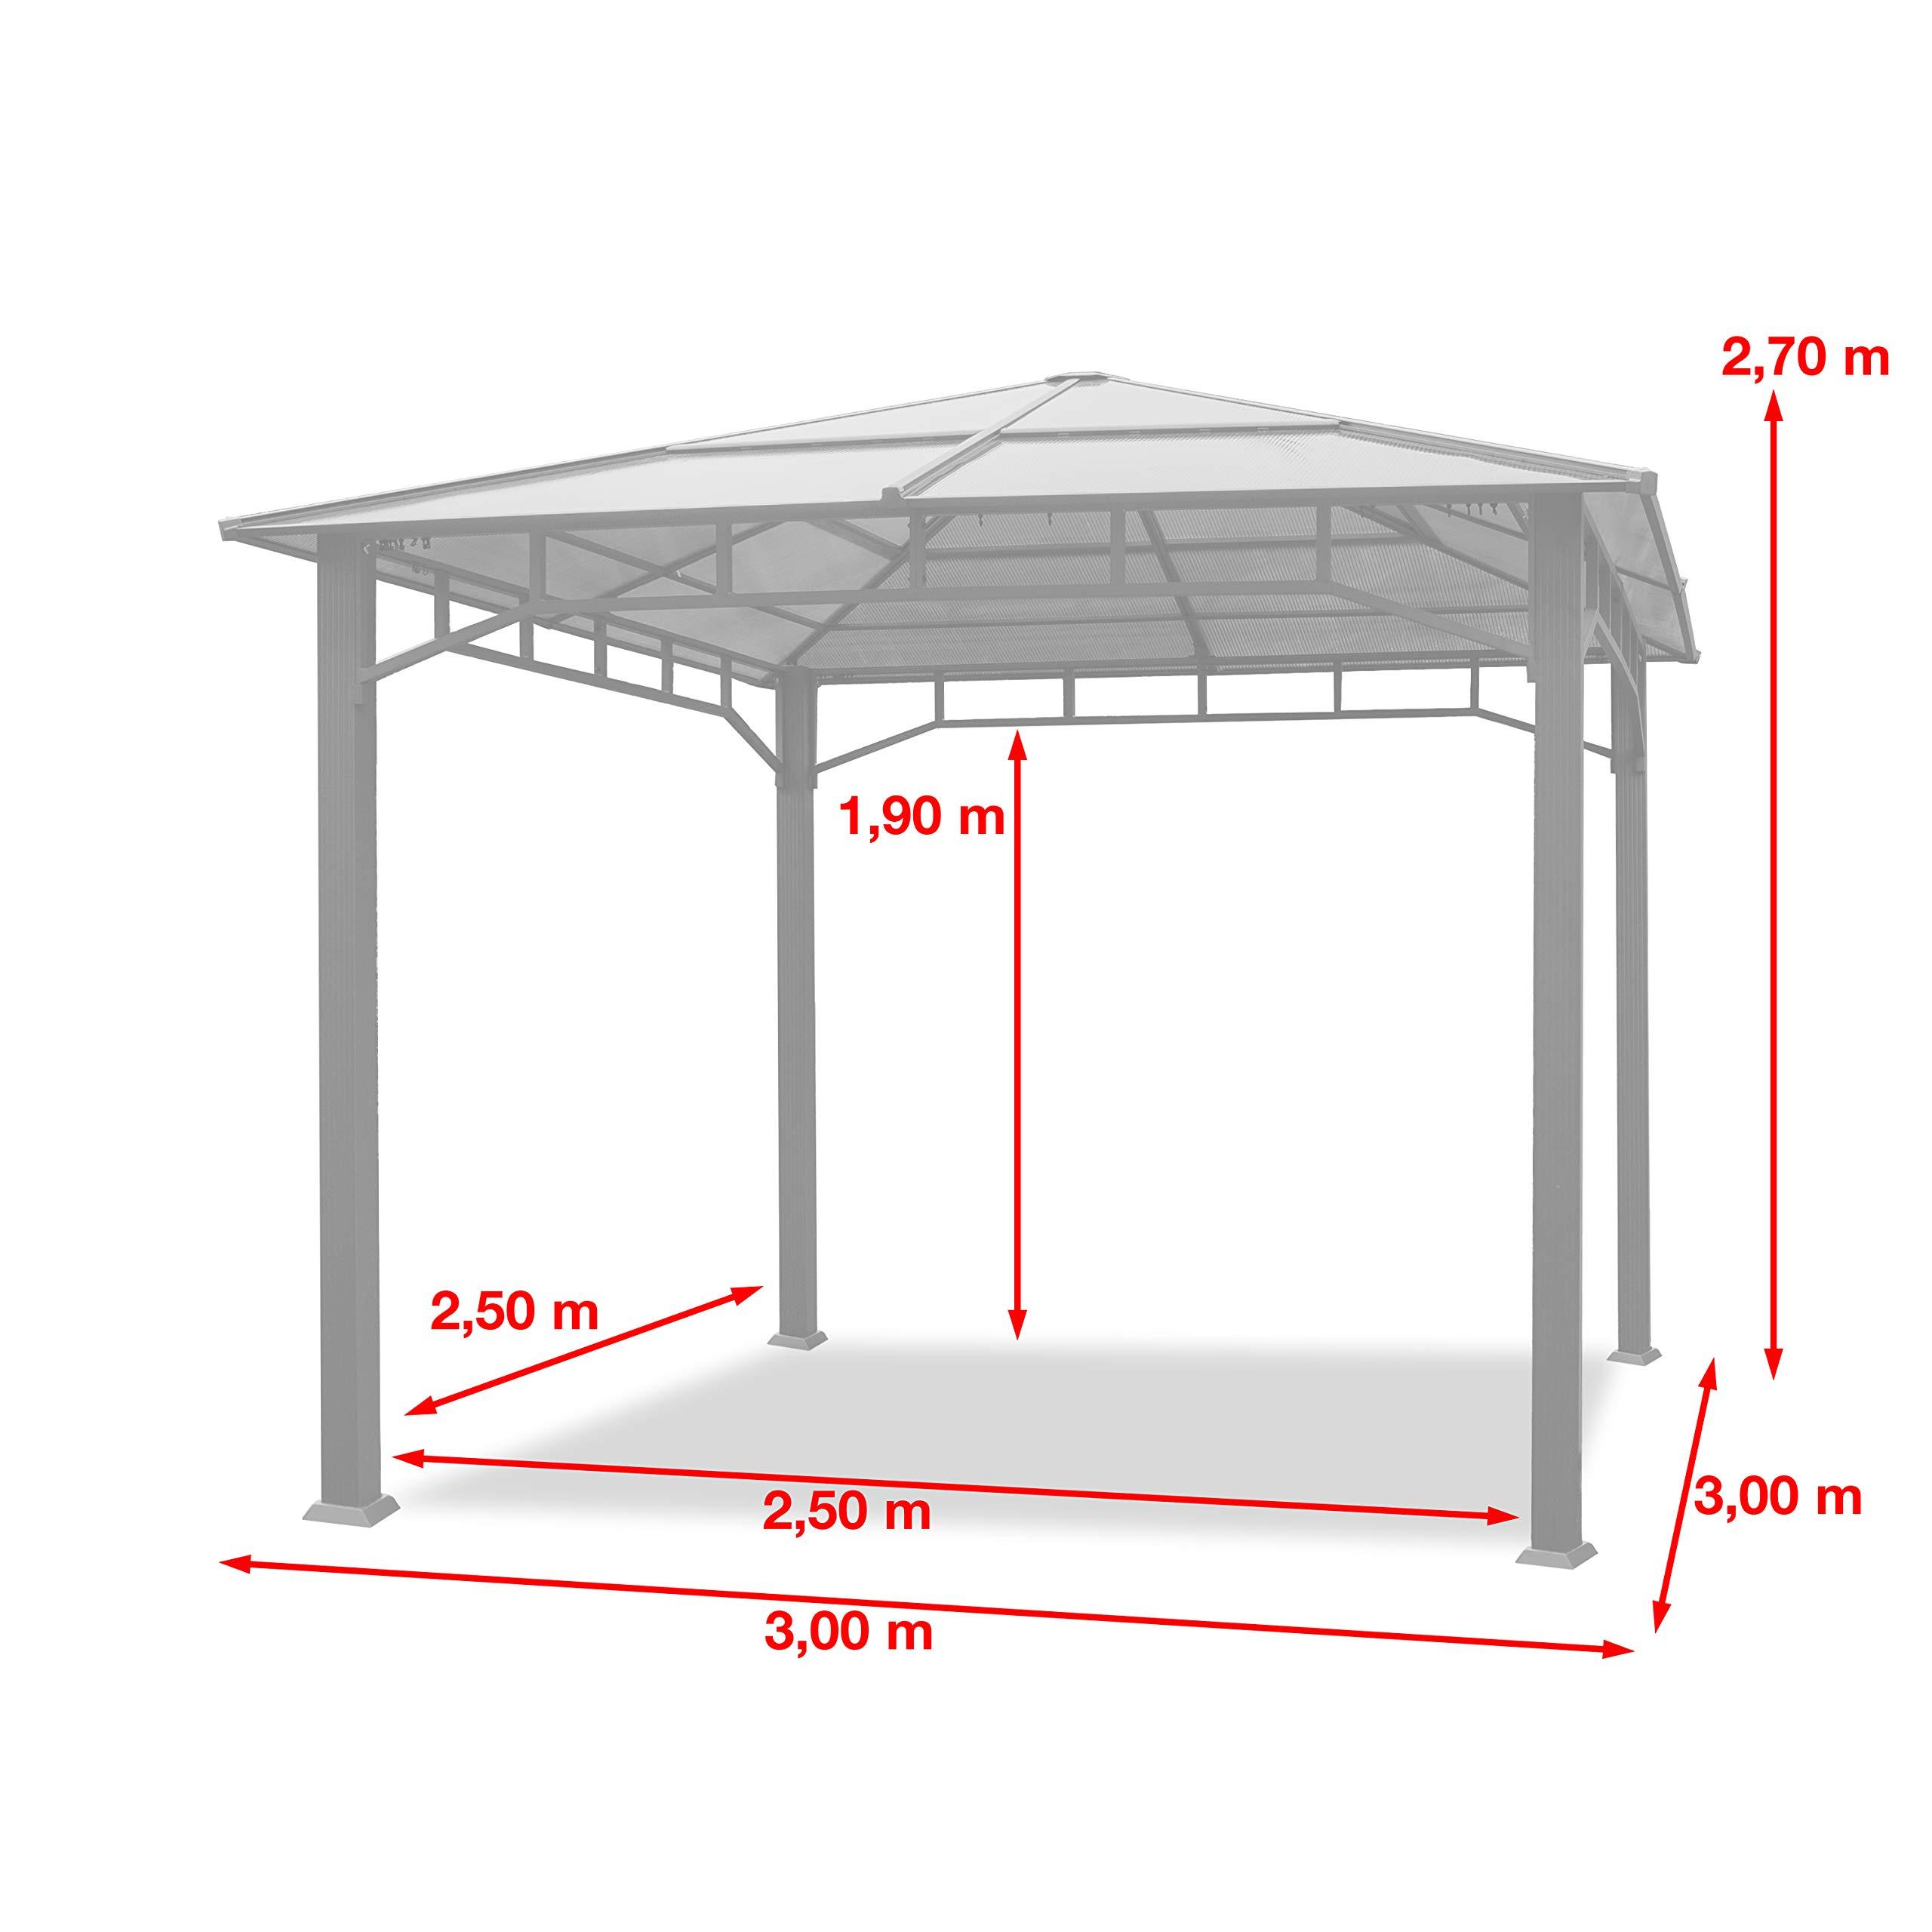 TOOLPORT Cenador de jardín 3x3m Impermeable ALU Deluxe Techo de policarbonato Pabellón 8mm Cenador 4 Lados Carpa Fiesta Gris 9x9cm Perfil: Amazon.es: Jardín